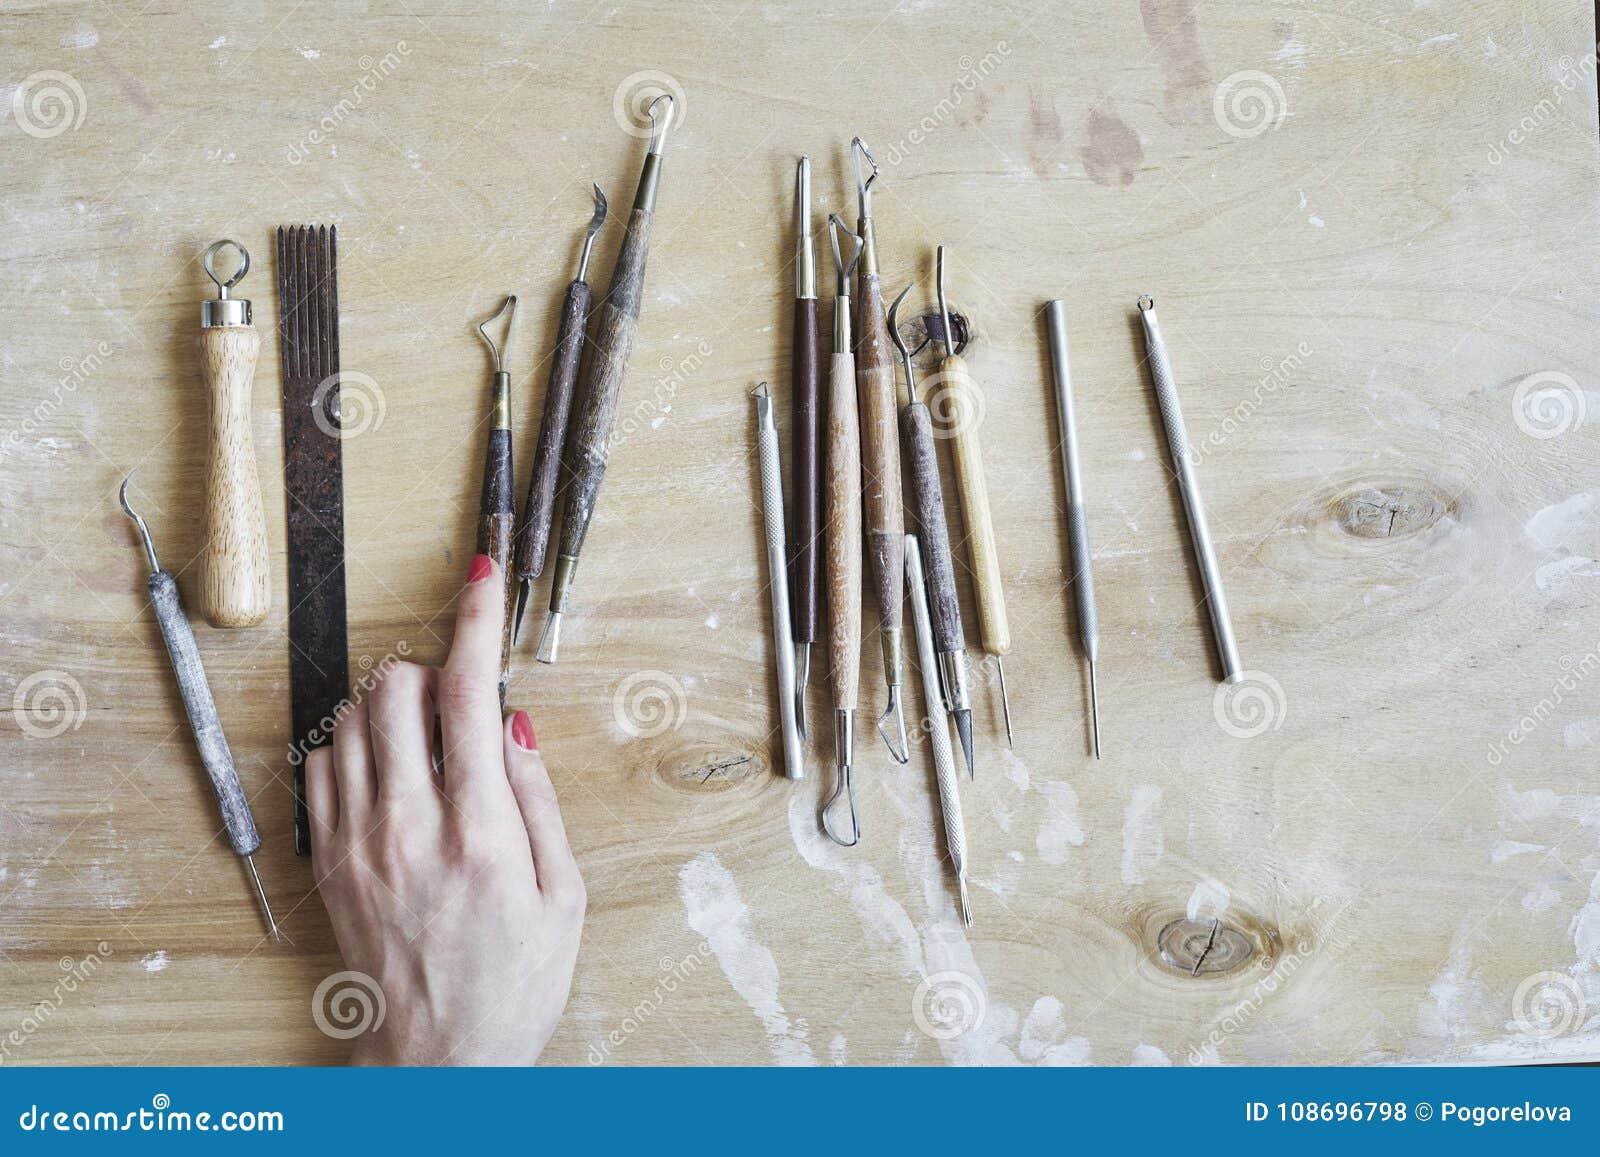 Strumenti Per Lavorare Il Legno : Processo di lavoro ceramico strumenti per lavoro artigianale in